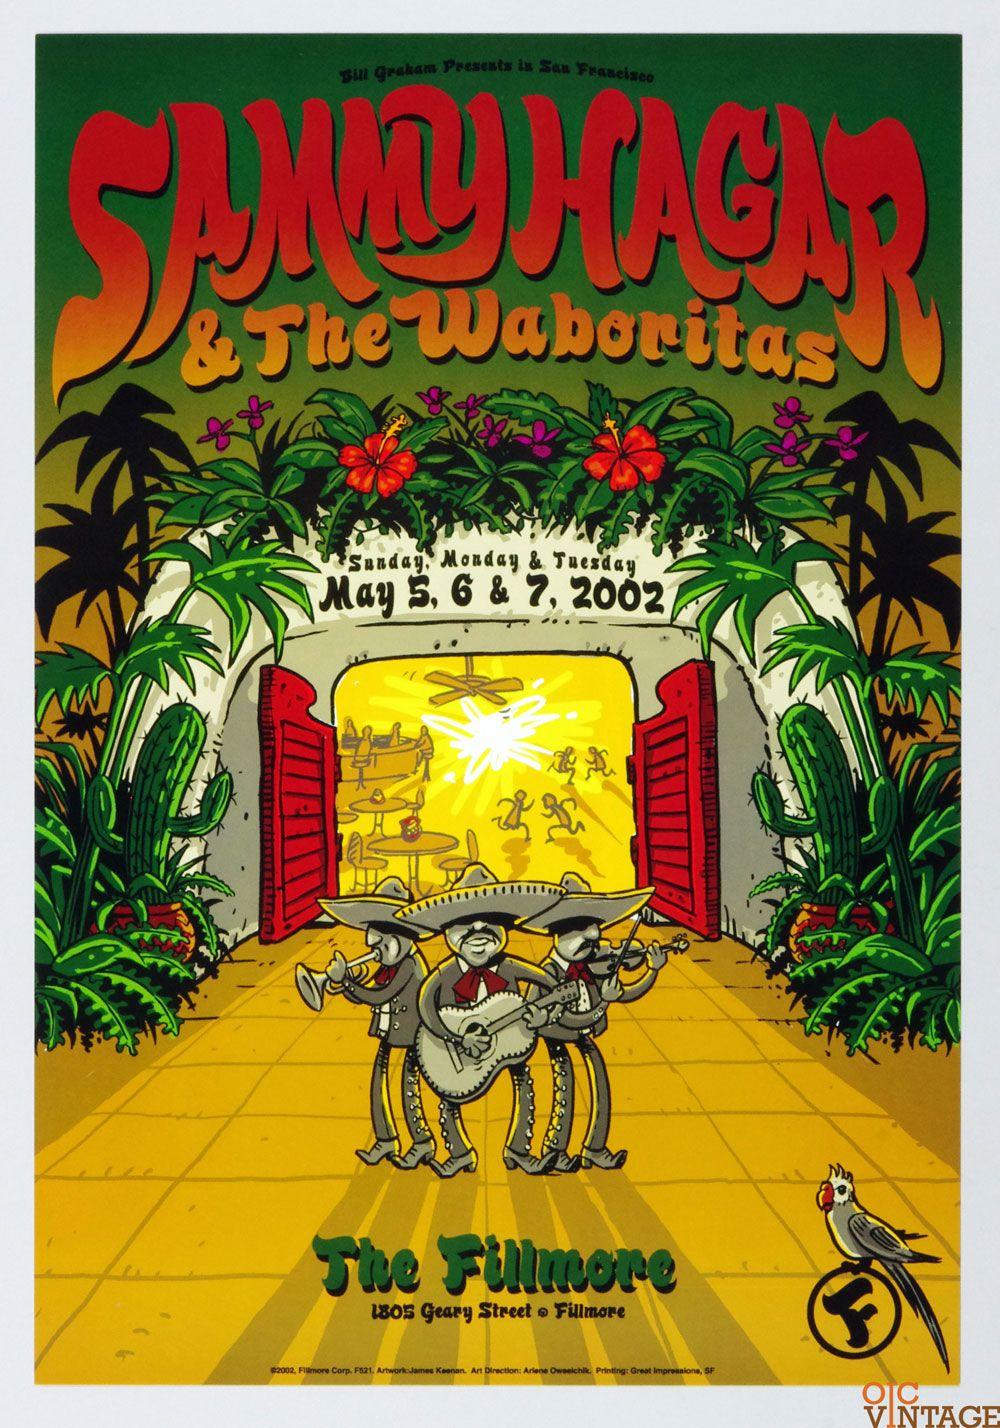 Sammy Hagar Poster 2002 May 5 New Fillmore Rock N Roll Art Concert Posters Sammy Hagar